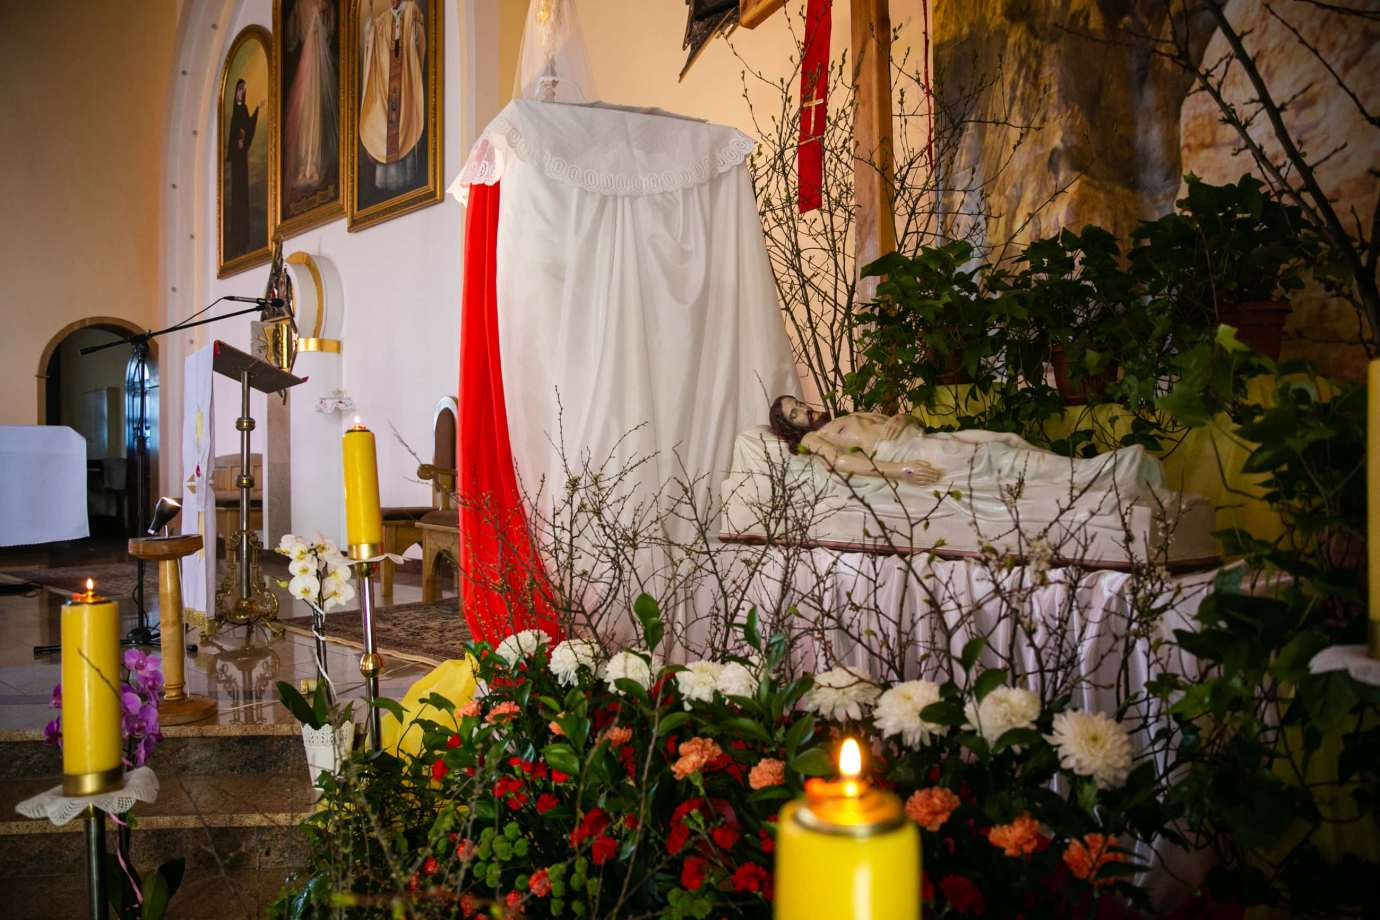 parafia pw milosierdzia bozego w zamosciu 5 Zdjęcia grobów pańskich w zamojskich świątyniach